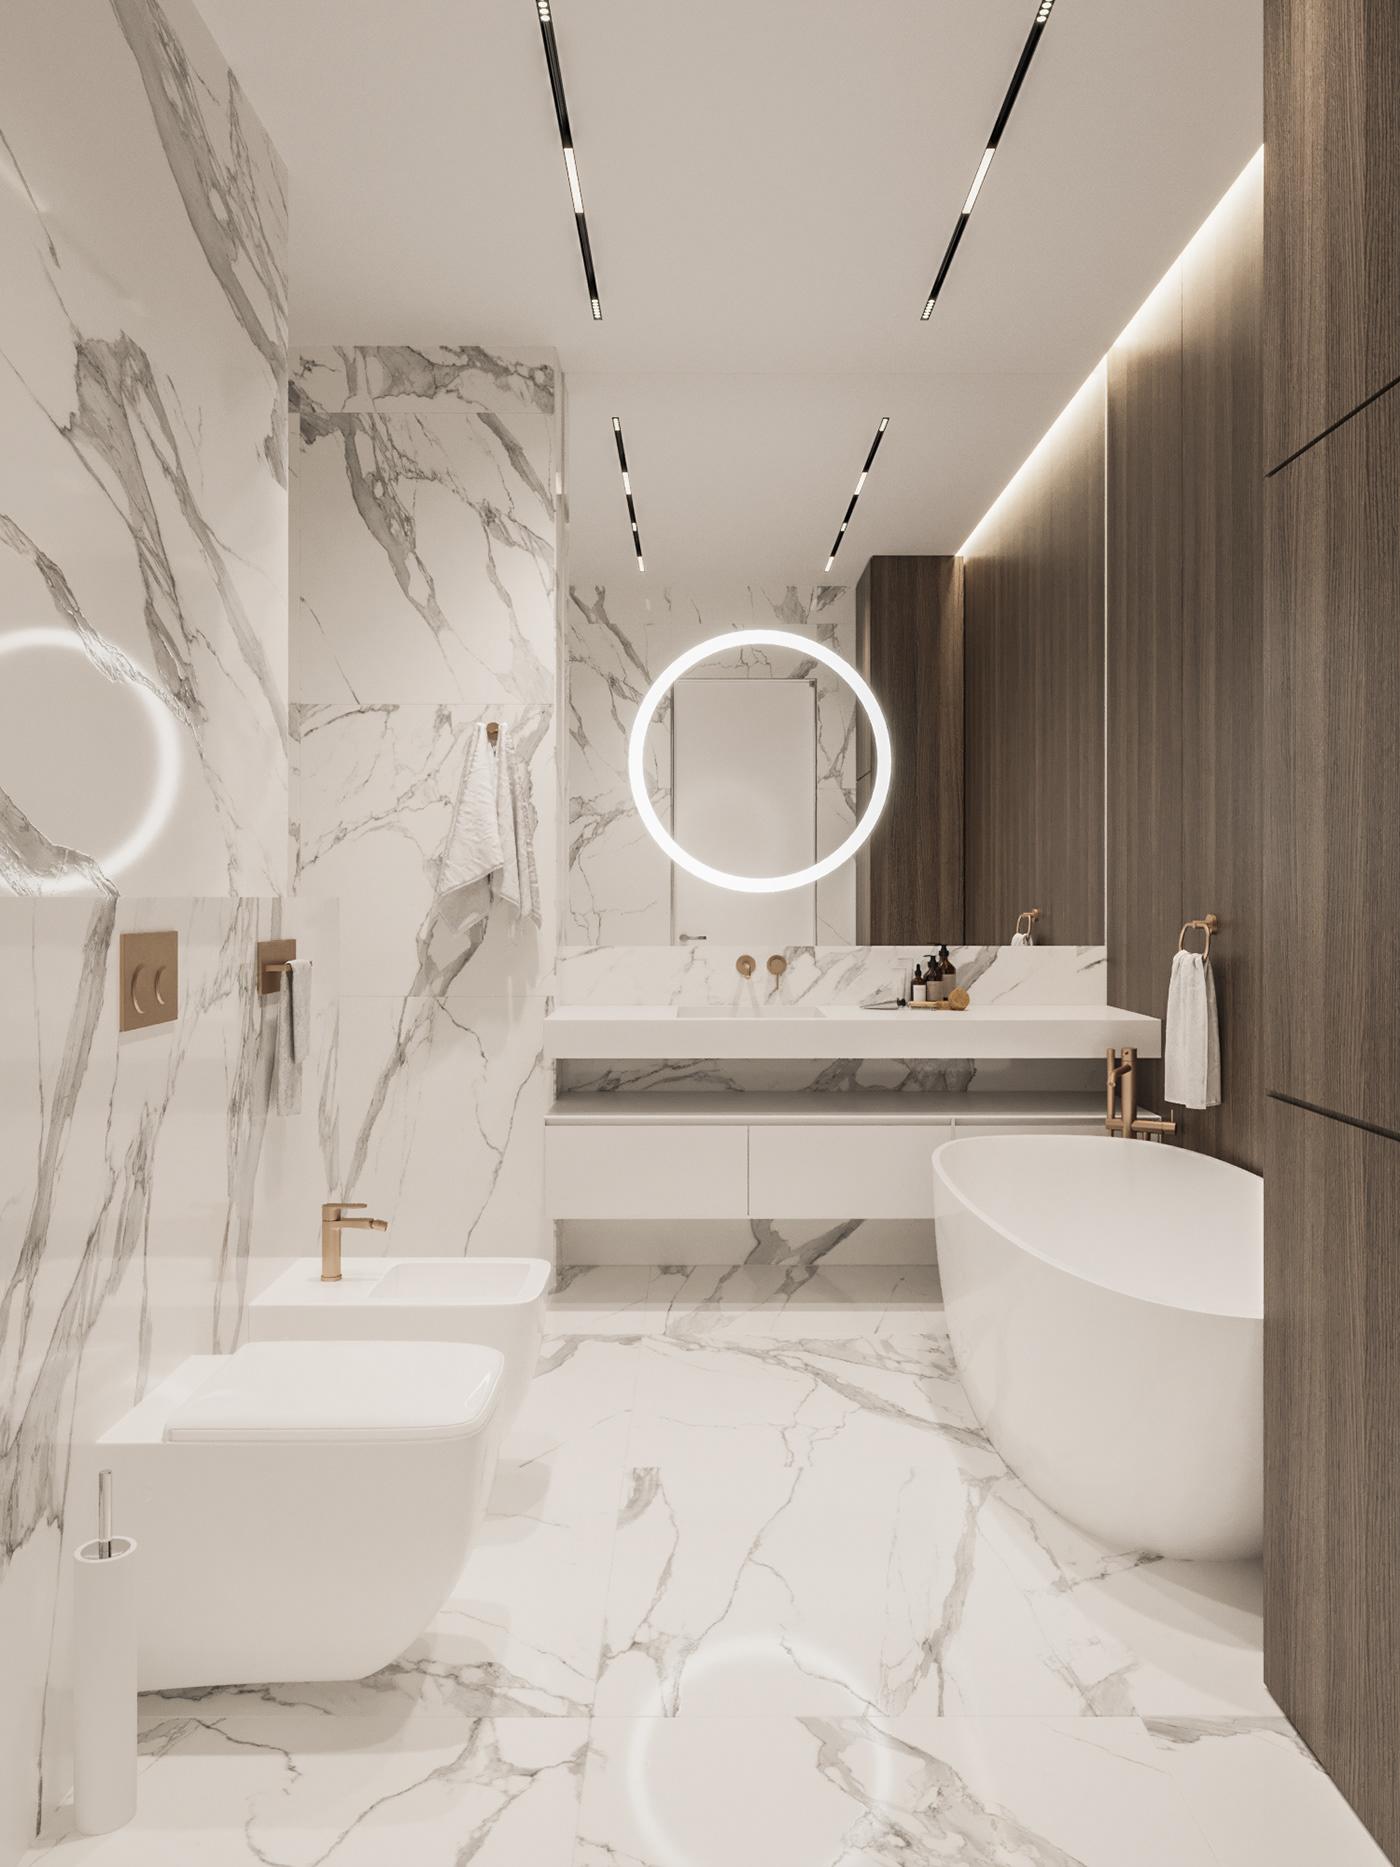 Kiến trúc sư tư vấn thiết kế ngôi nhà cấp 4 diện tích 120m² chi phí 150 triệu đồng - Ảnh 12.